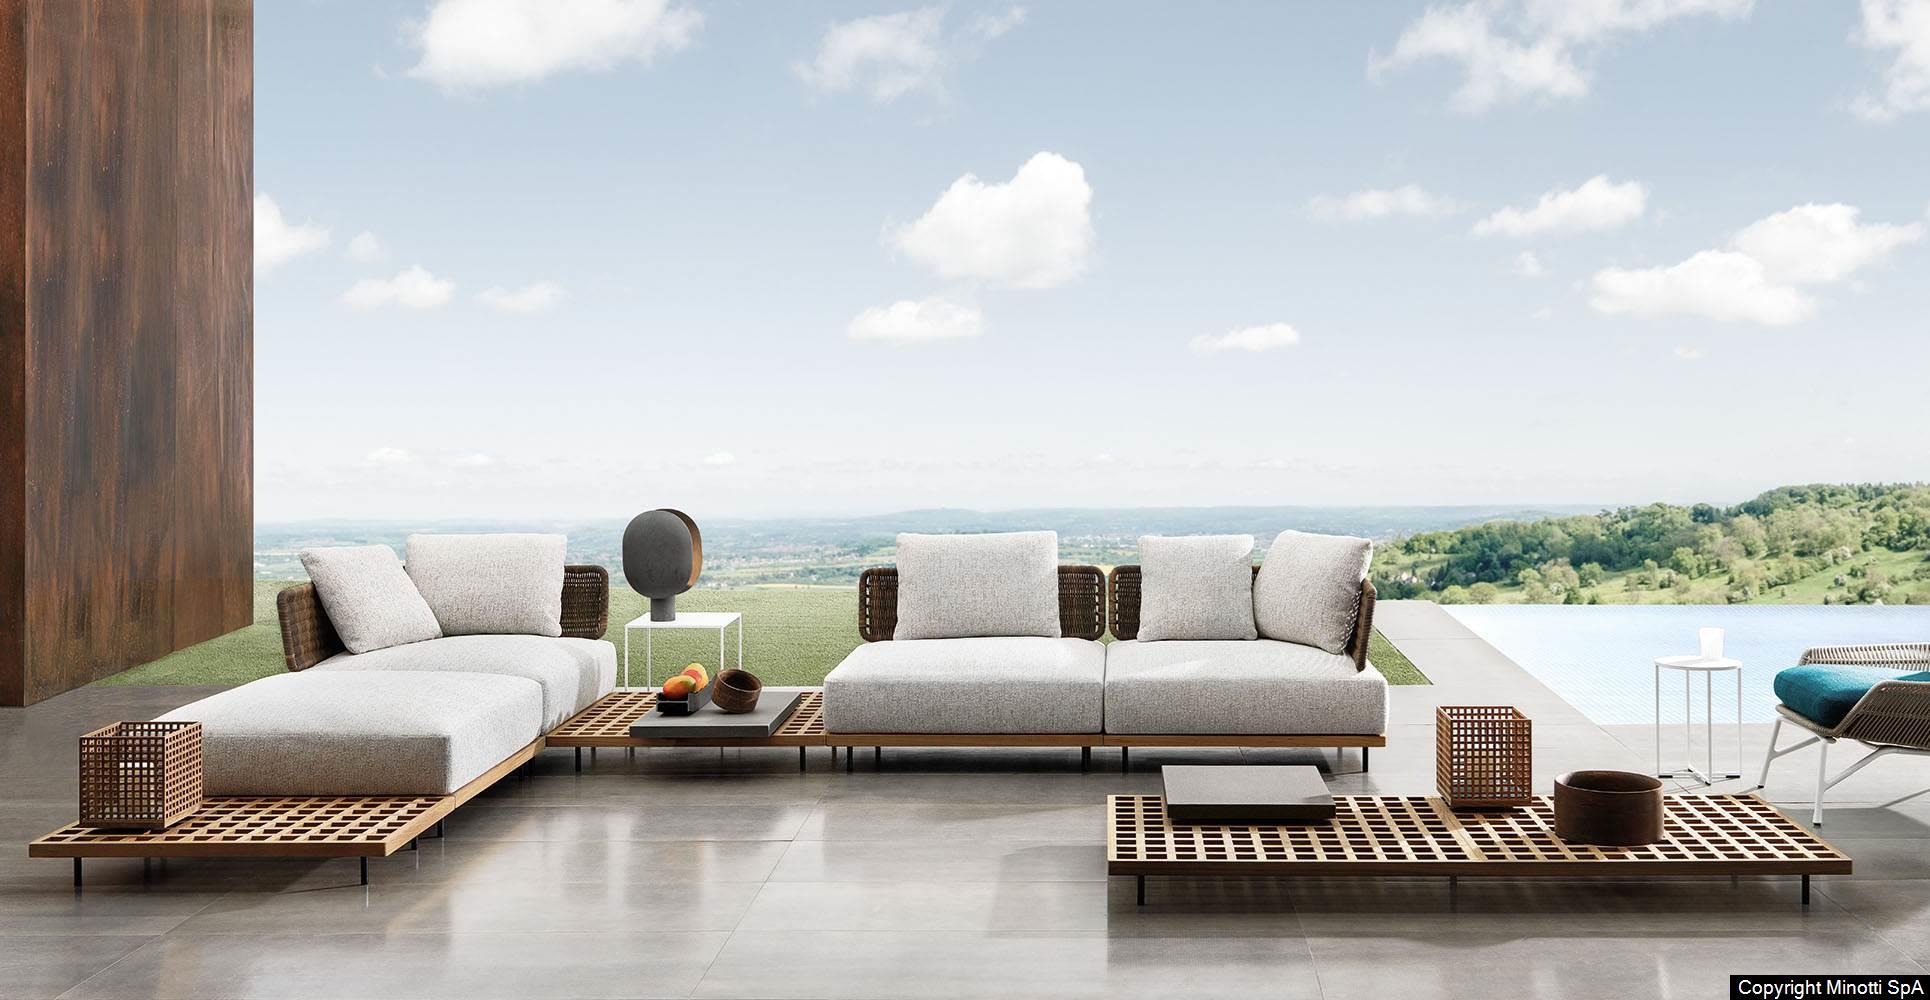 Arredo Balconi E Terrazze come arredare al meglio gli spazi esterni - misura arredamenti